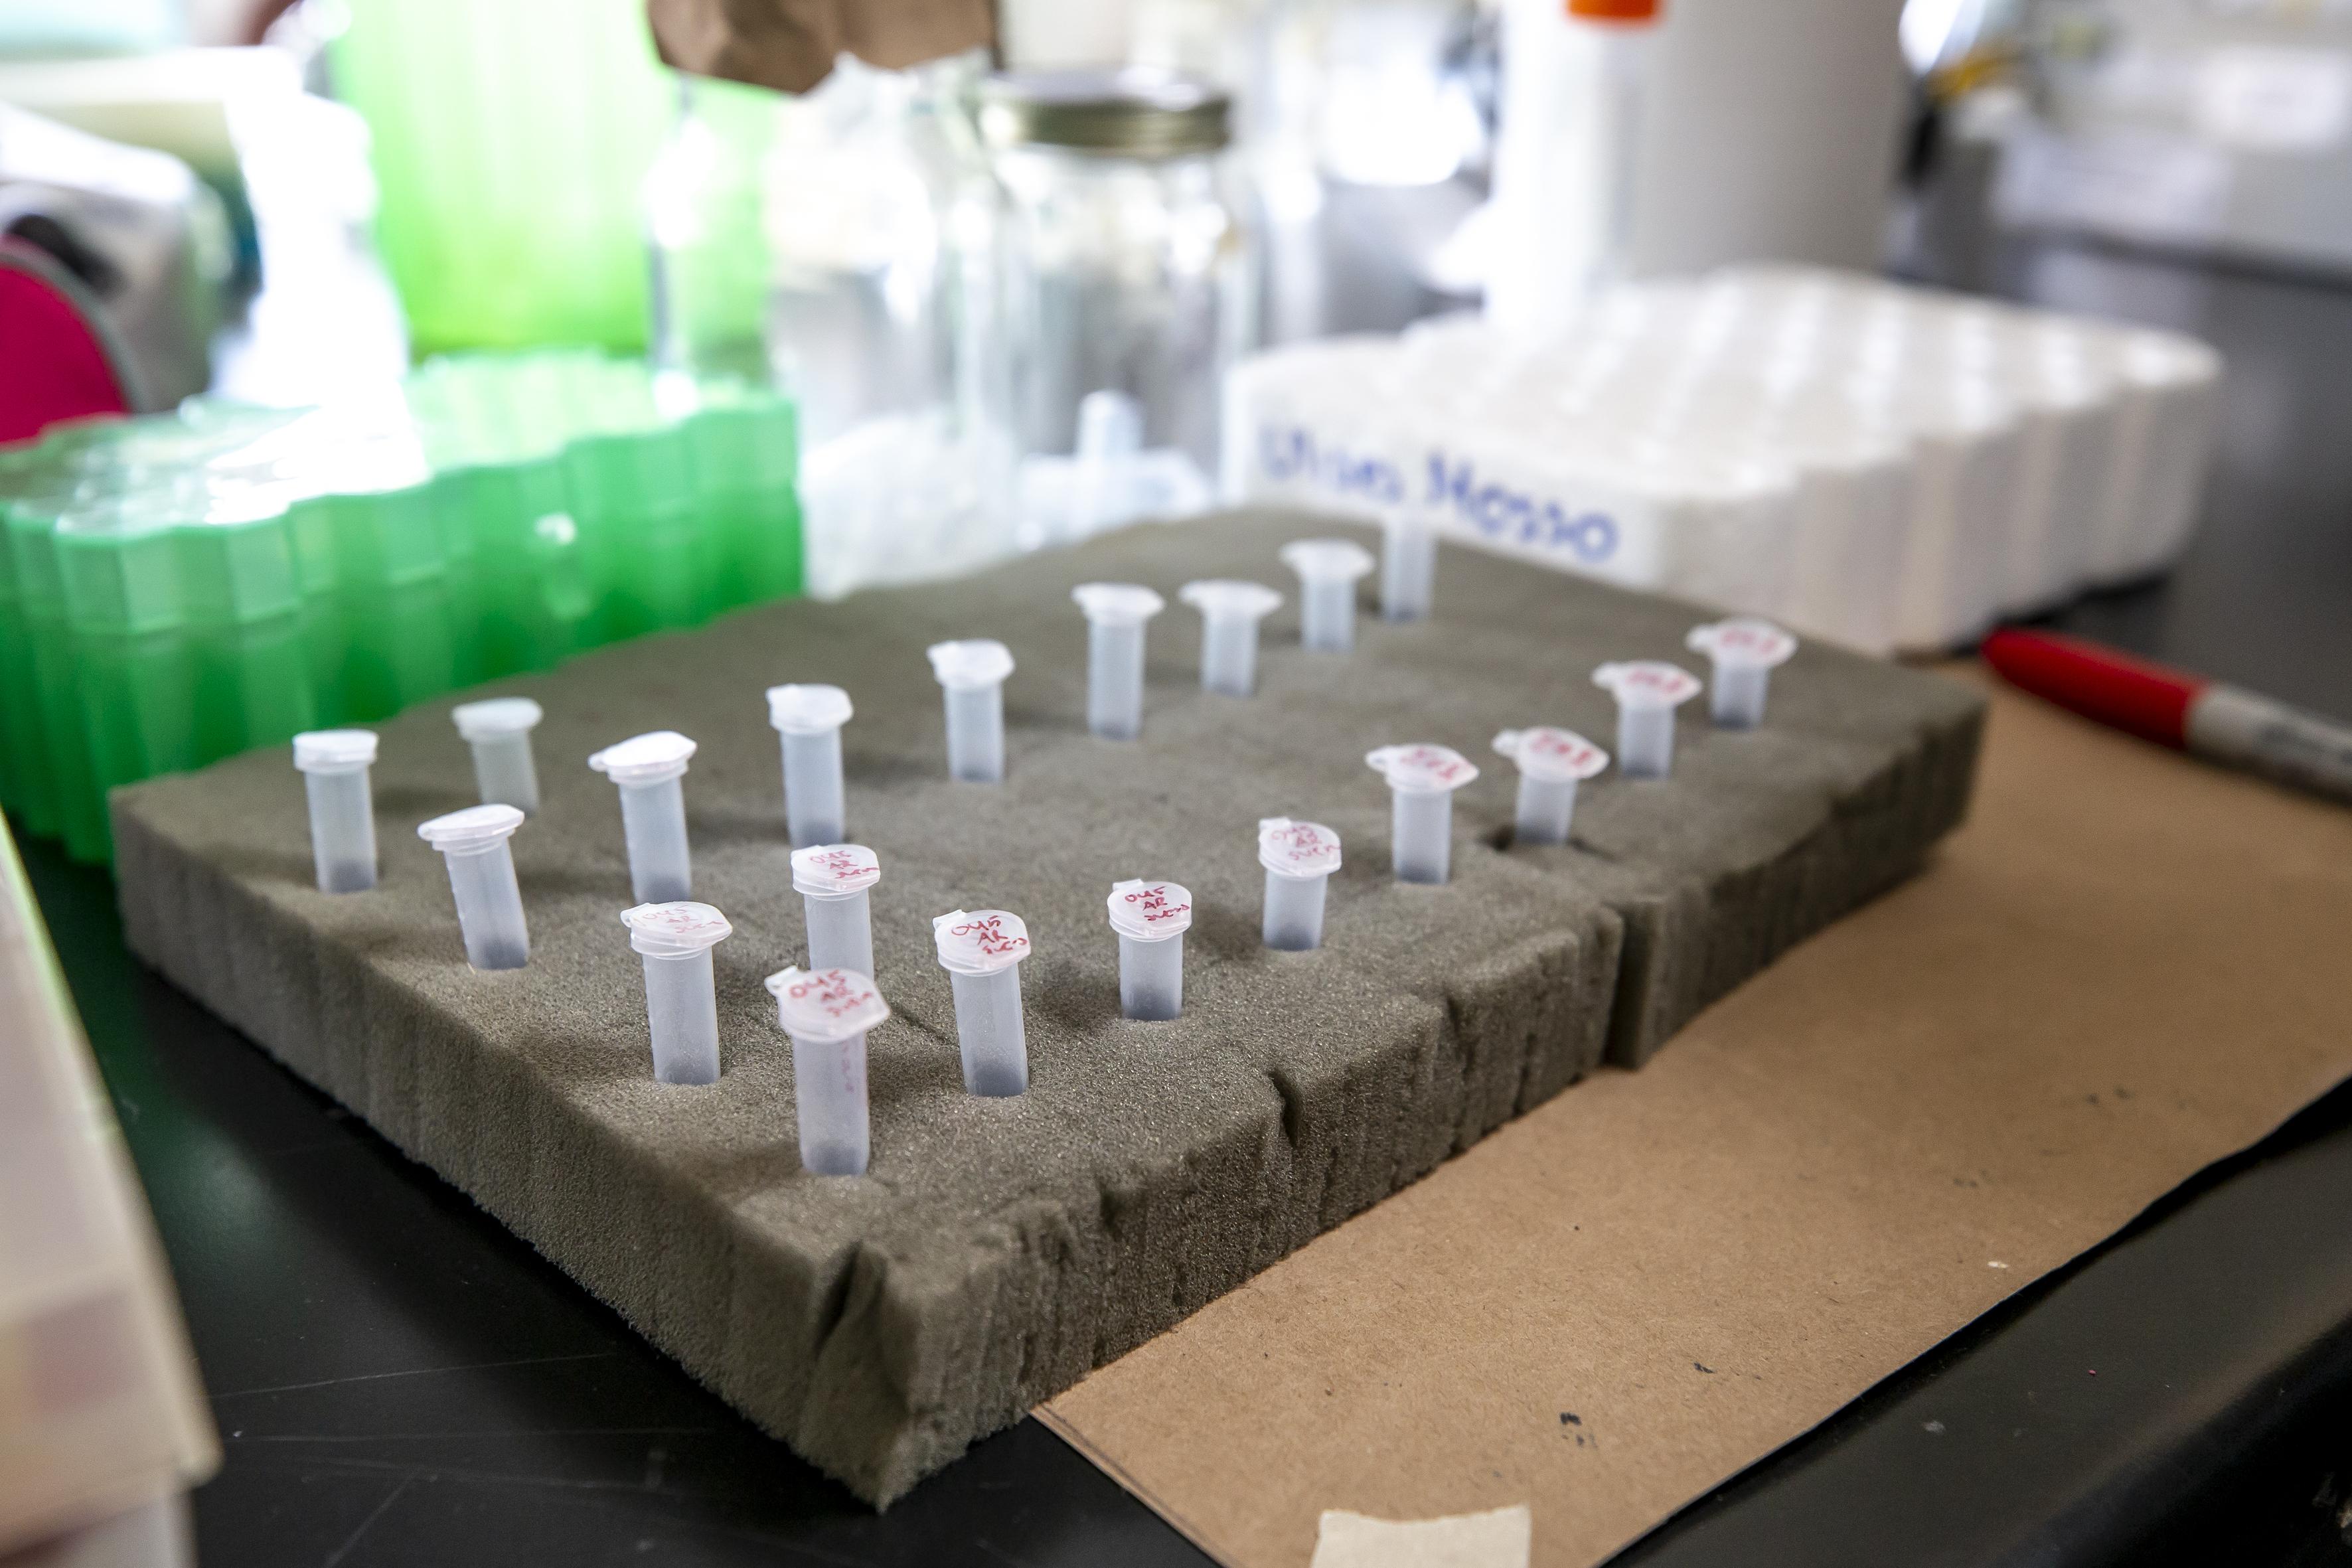 imagen de tubos de ensayo del laboratorio